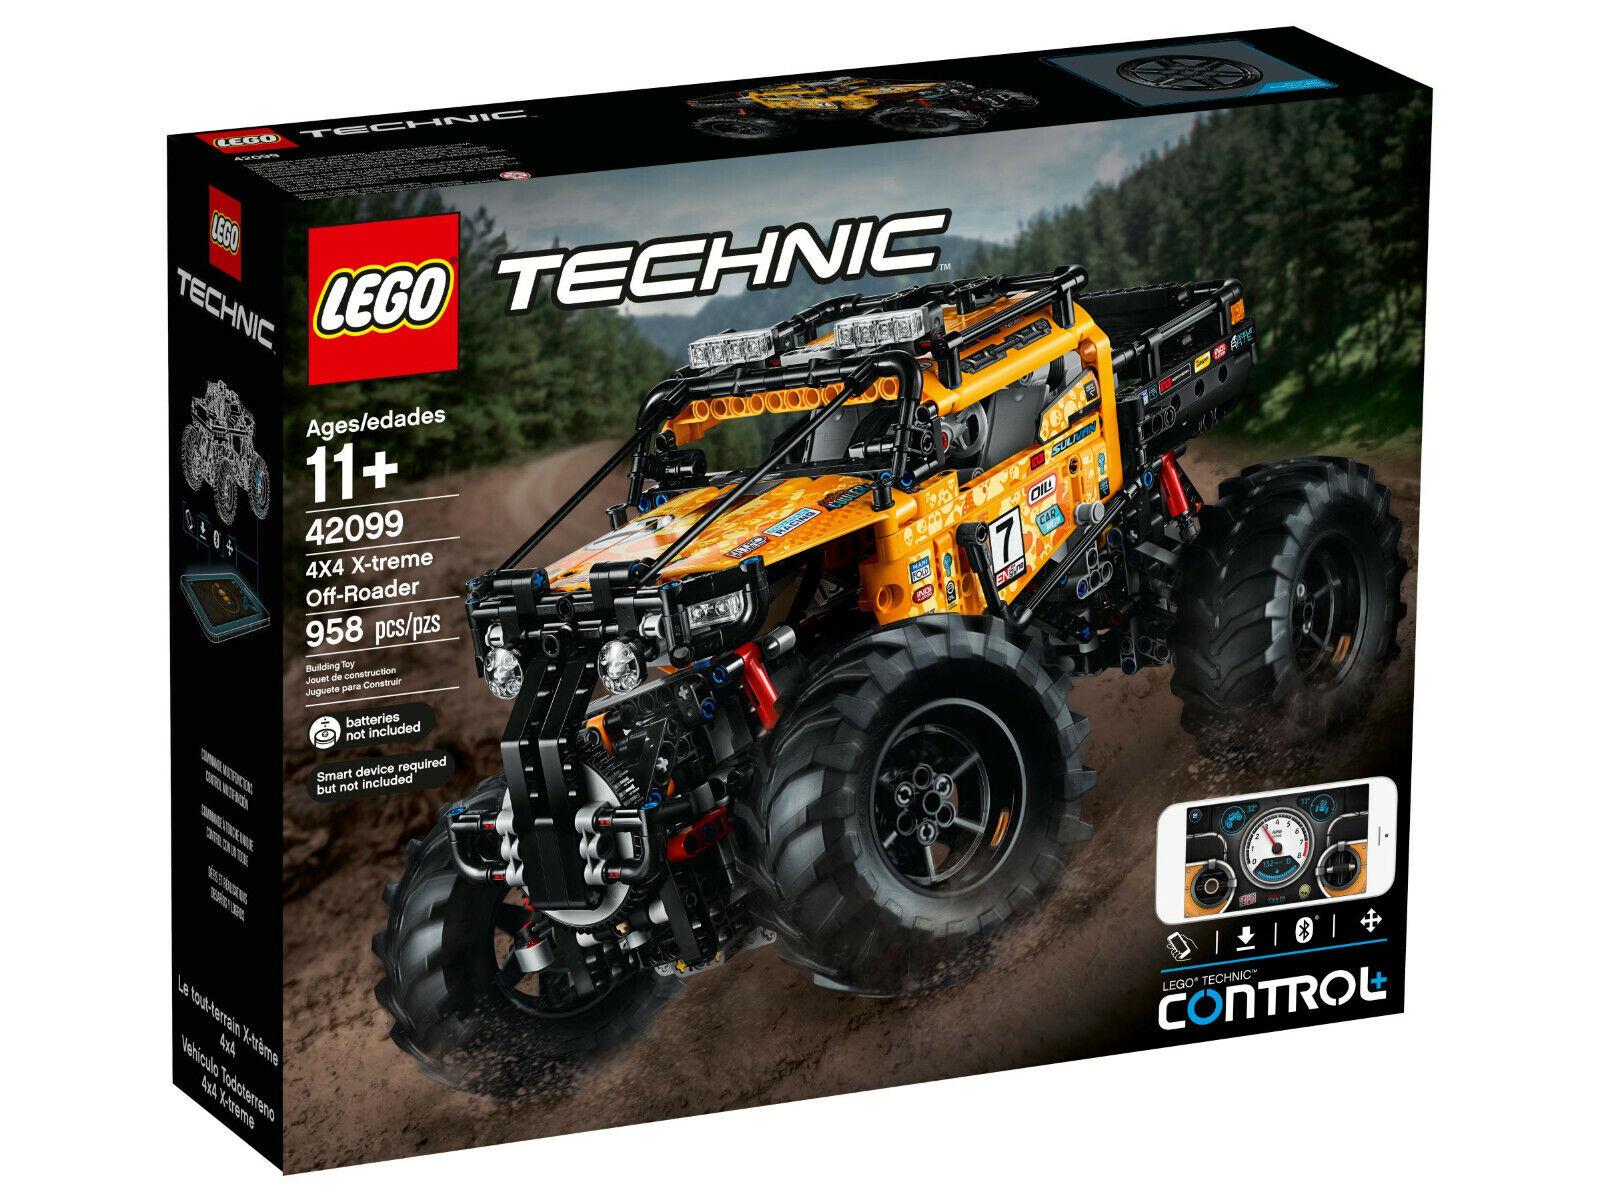 LEGO ® Technic 42099 sagomate Xtreme-FUORISTRADA NUOVO OVP SPEDIZIONE LAMPO    acquistare ora